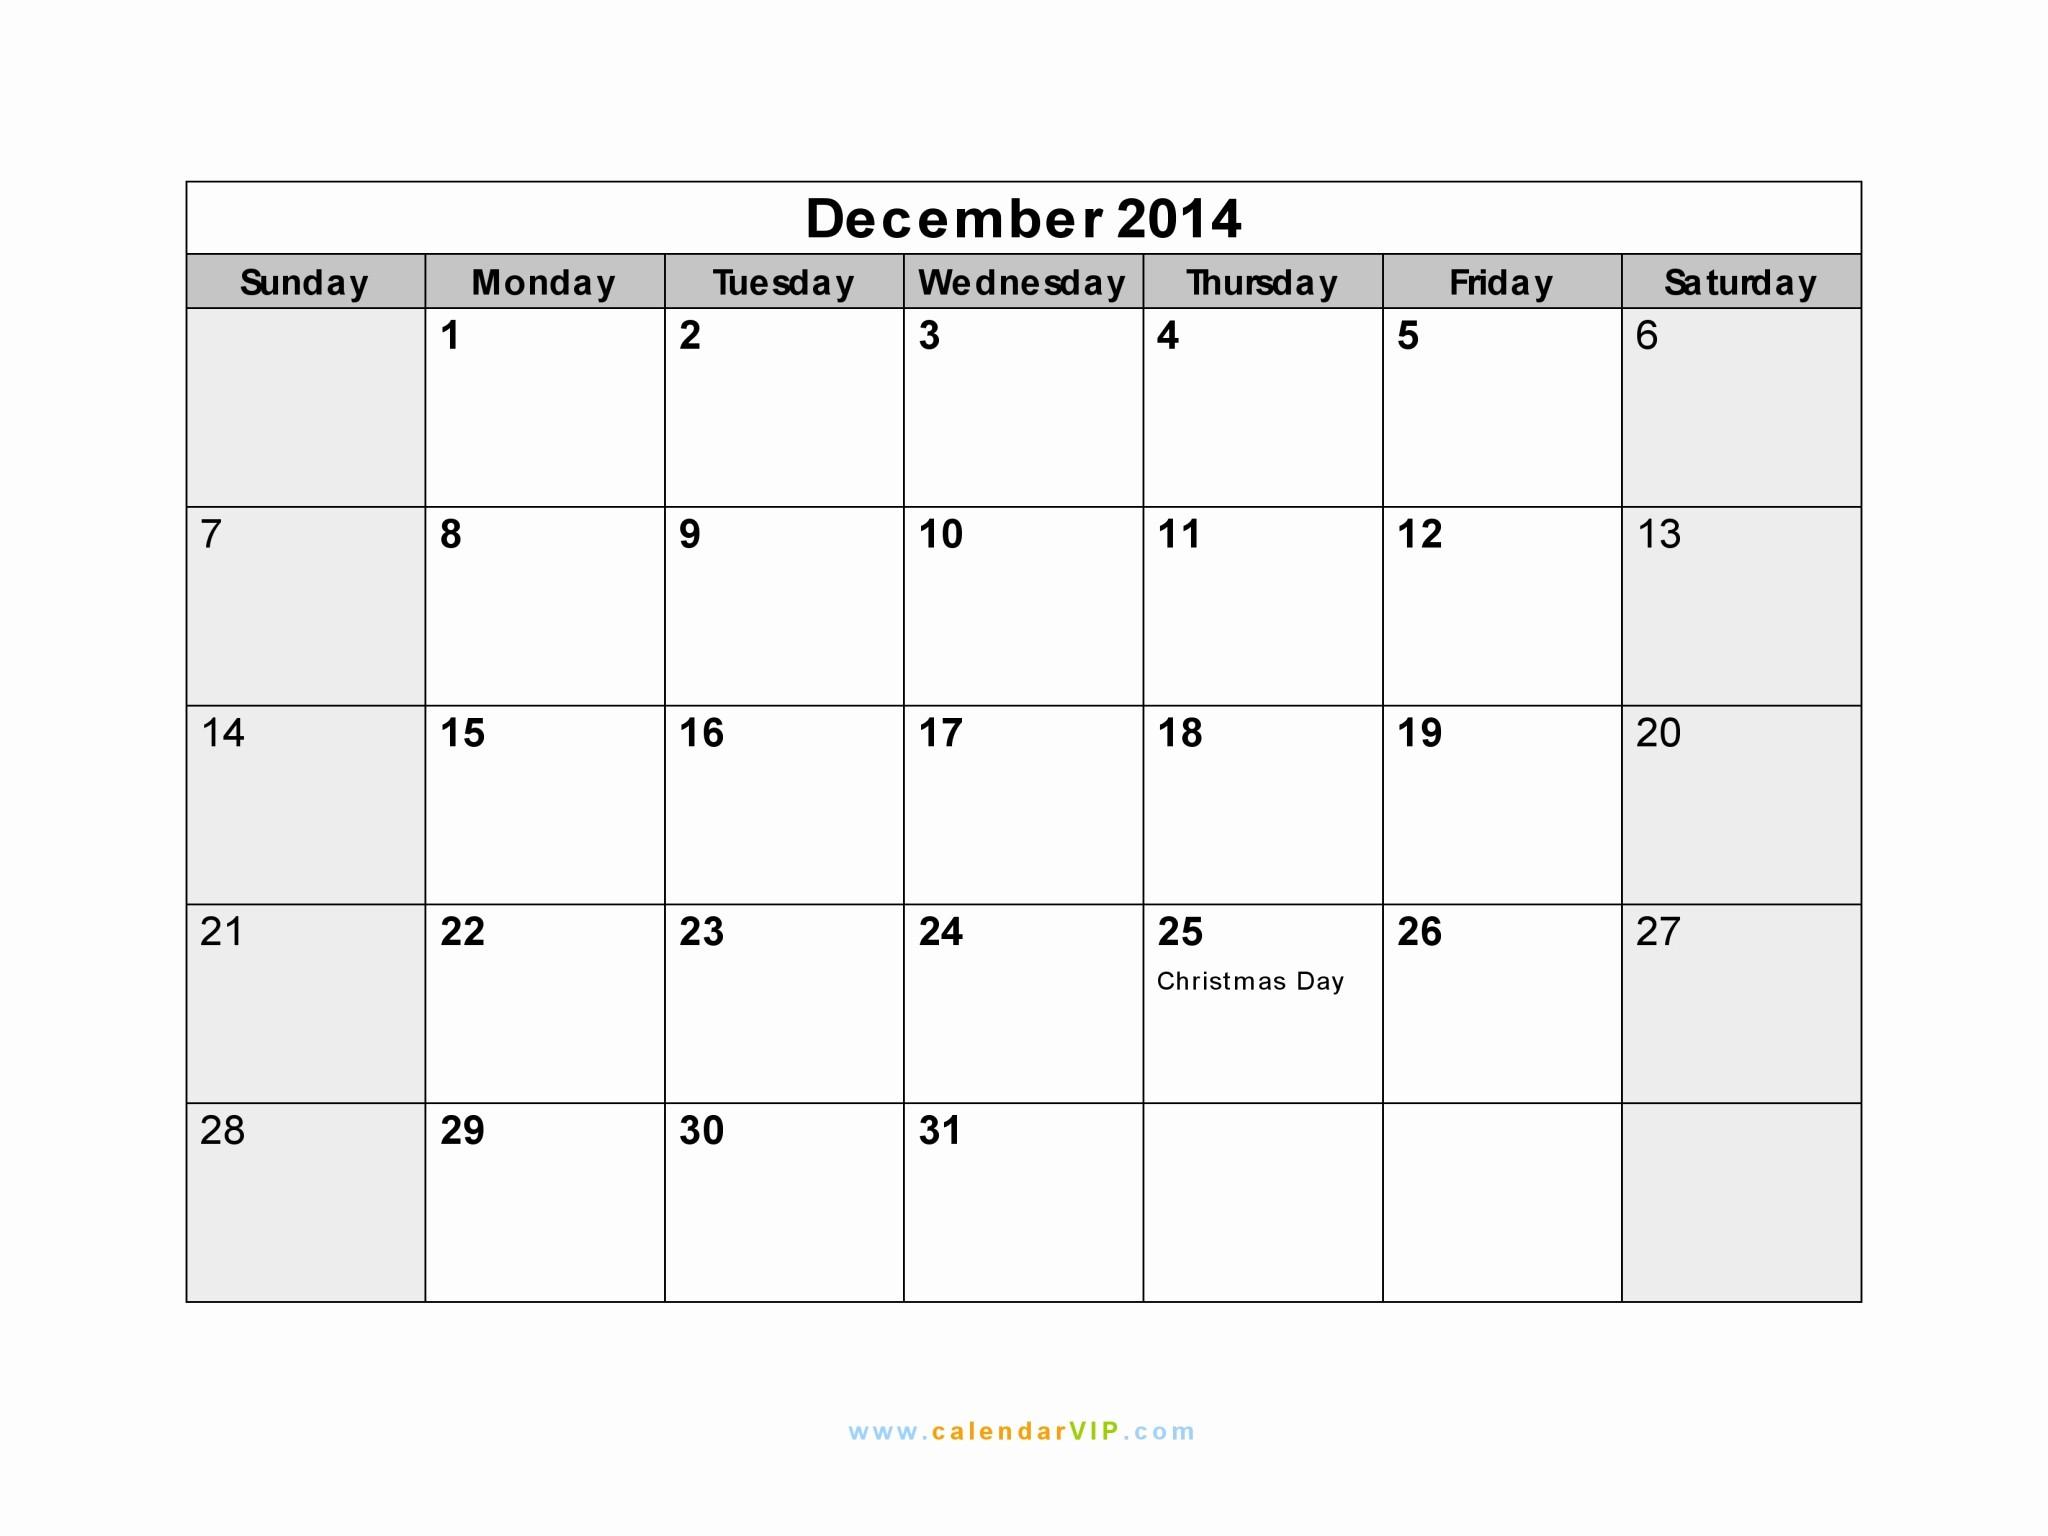 December 2015 Calendar Word Document Best Of December 2014 Calendar Word Search Results